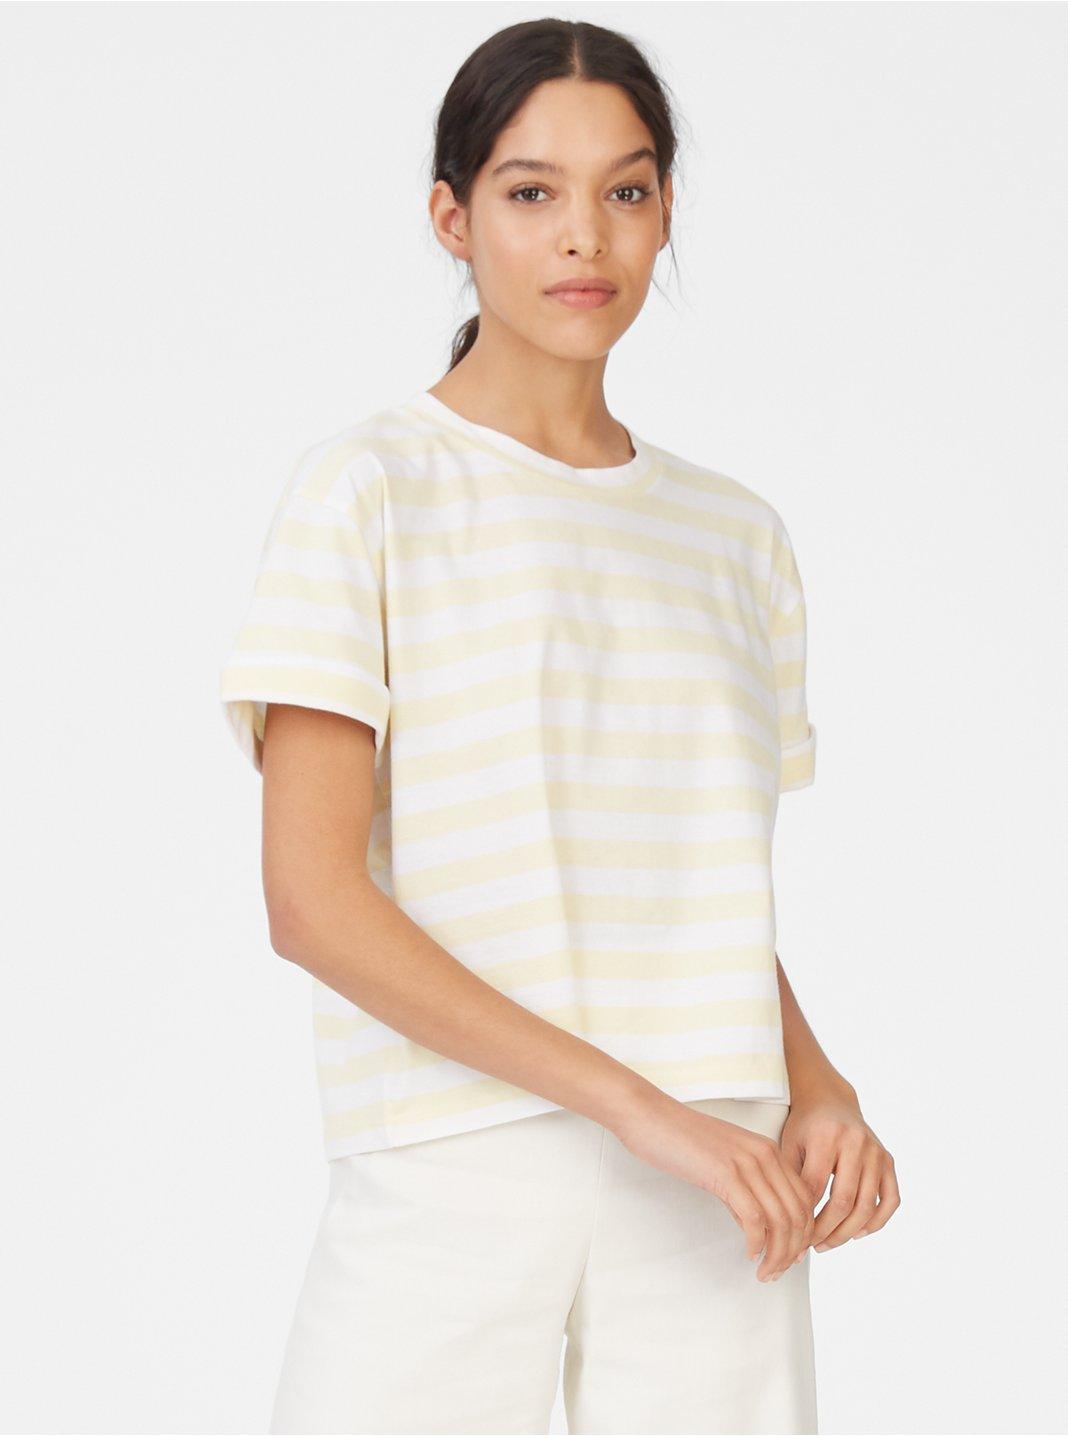 클럽 모나코 Boiselle 반팔 티셔츠 Club Monaco Boiselle Tee,Yellow/White